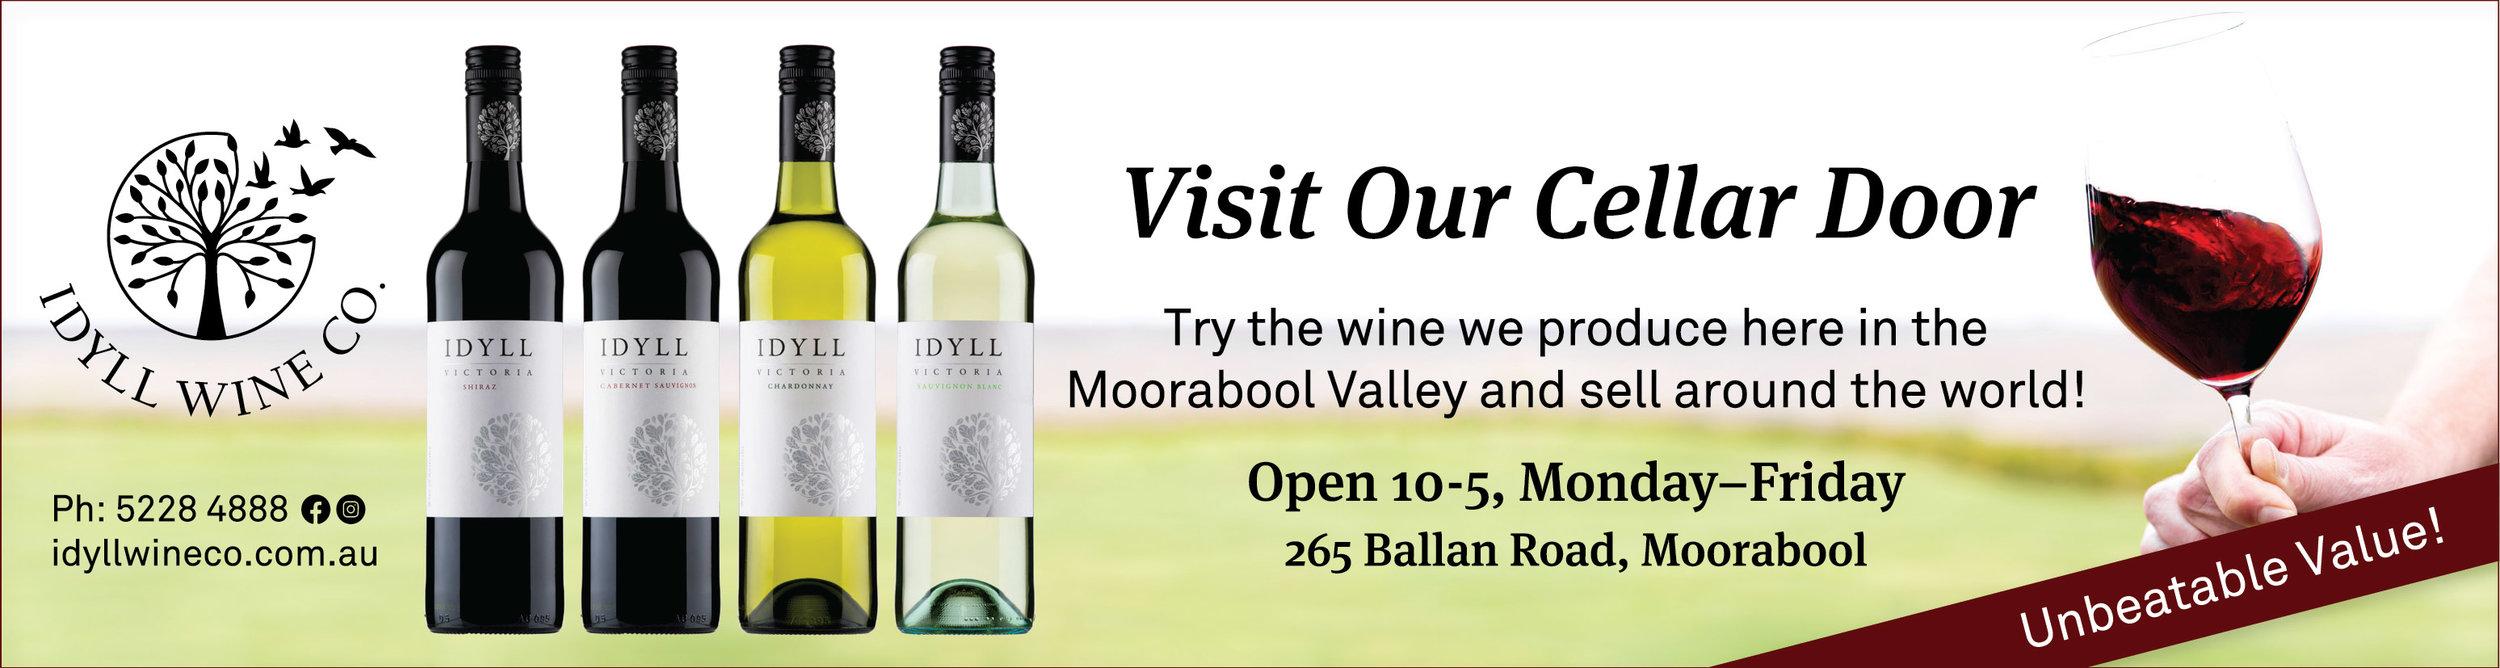 Idyll Wine Co Visit Our Cellar Door